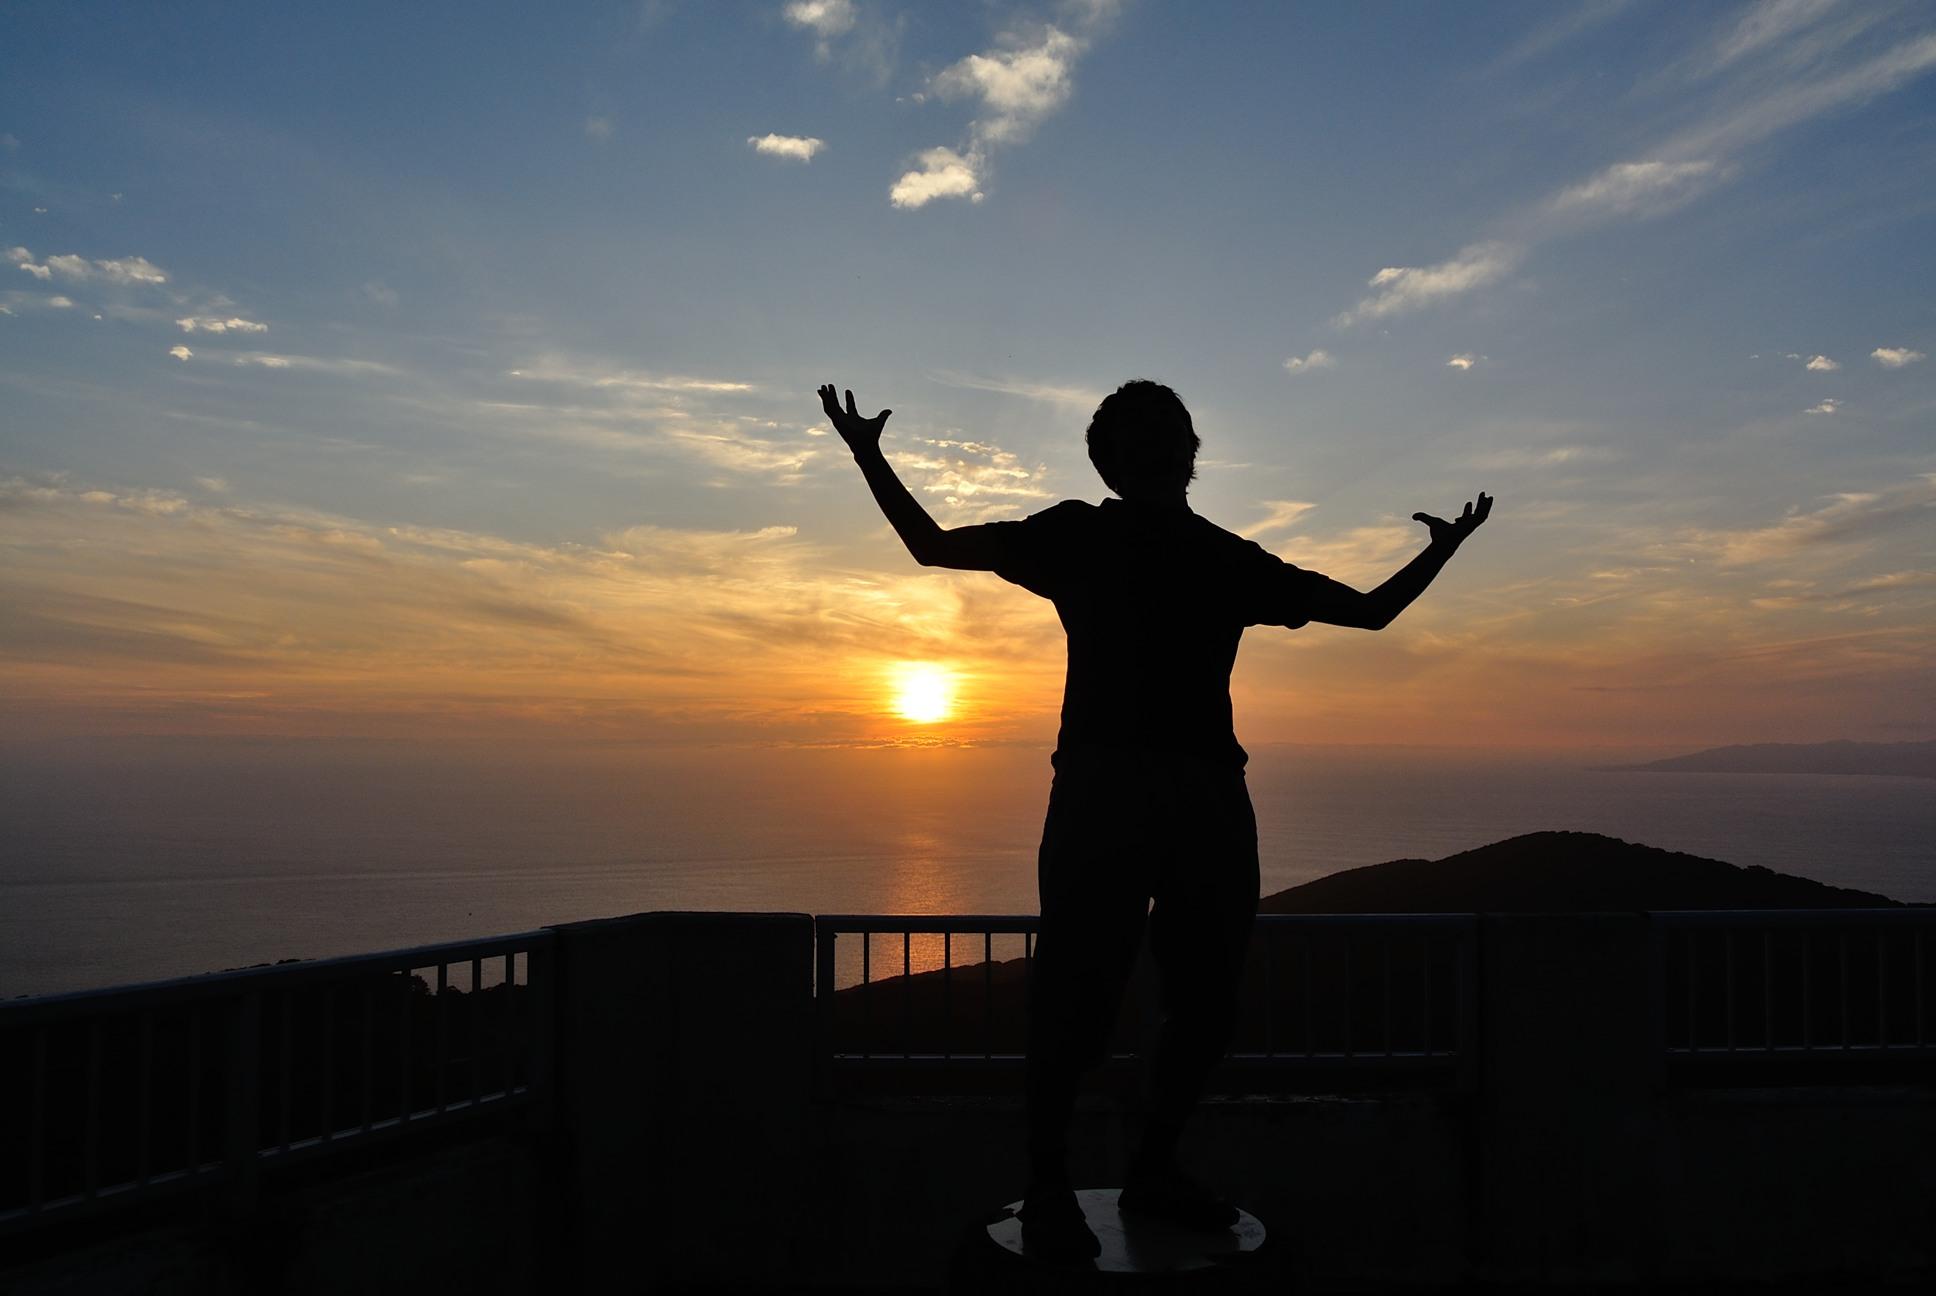 津軽海峡近くの眺望台での記念撮影